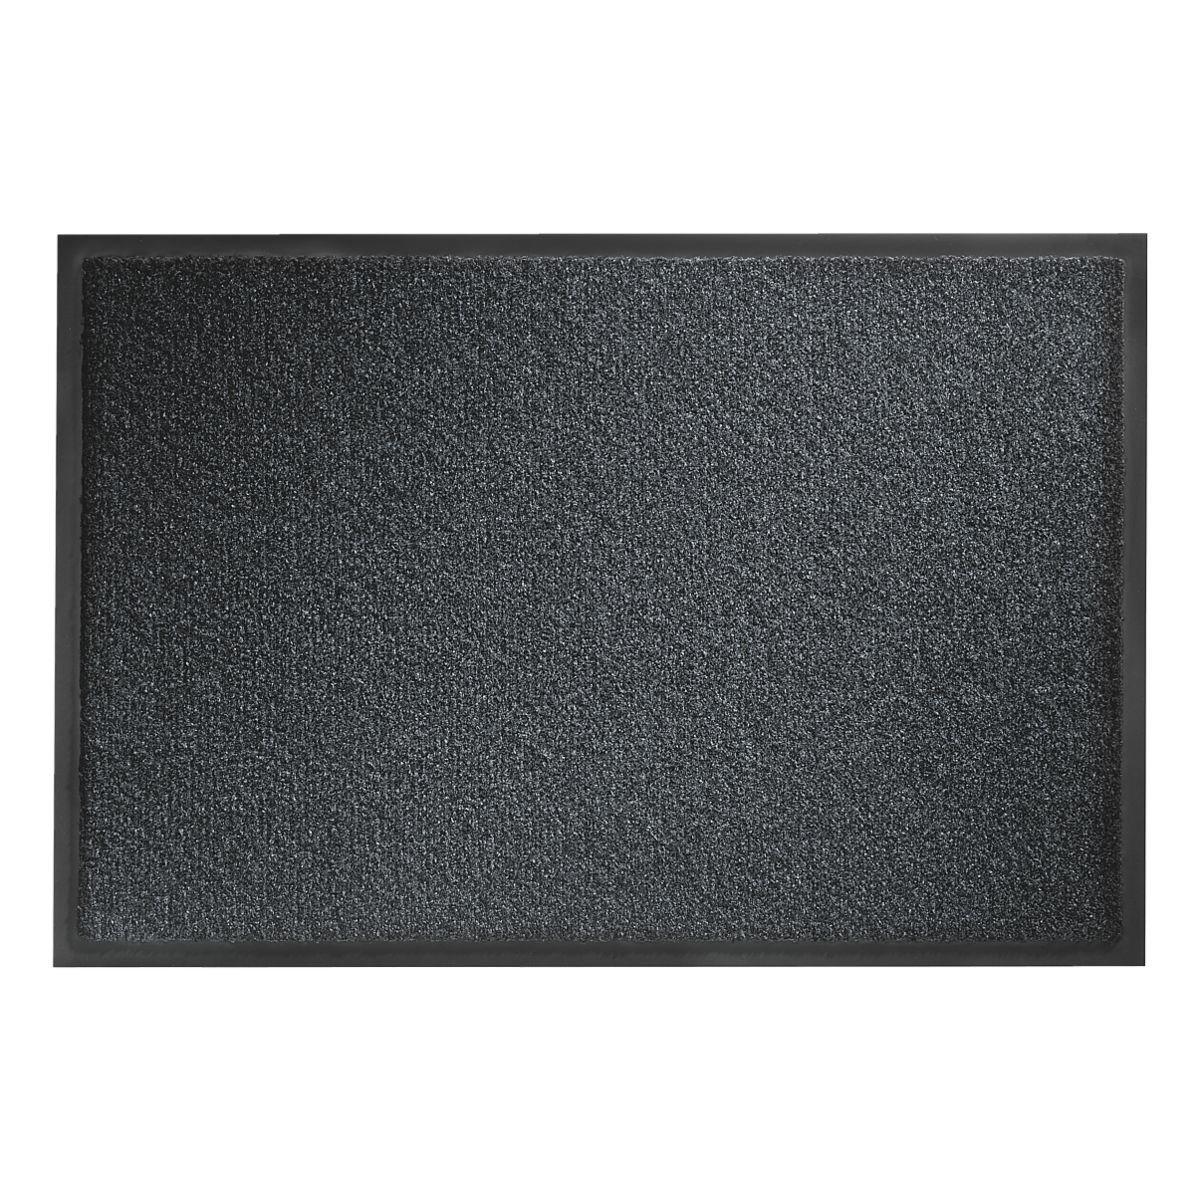 Fußmatte 40x60 cm »Portal« | Heimtextilien > Fussmatten | KEINE MARKE